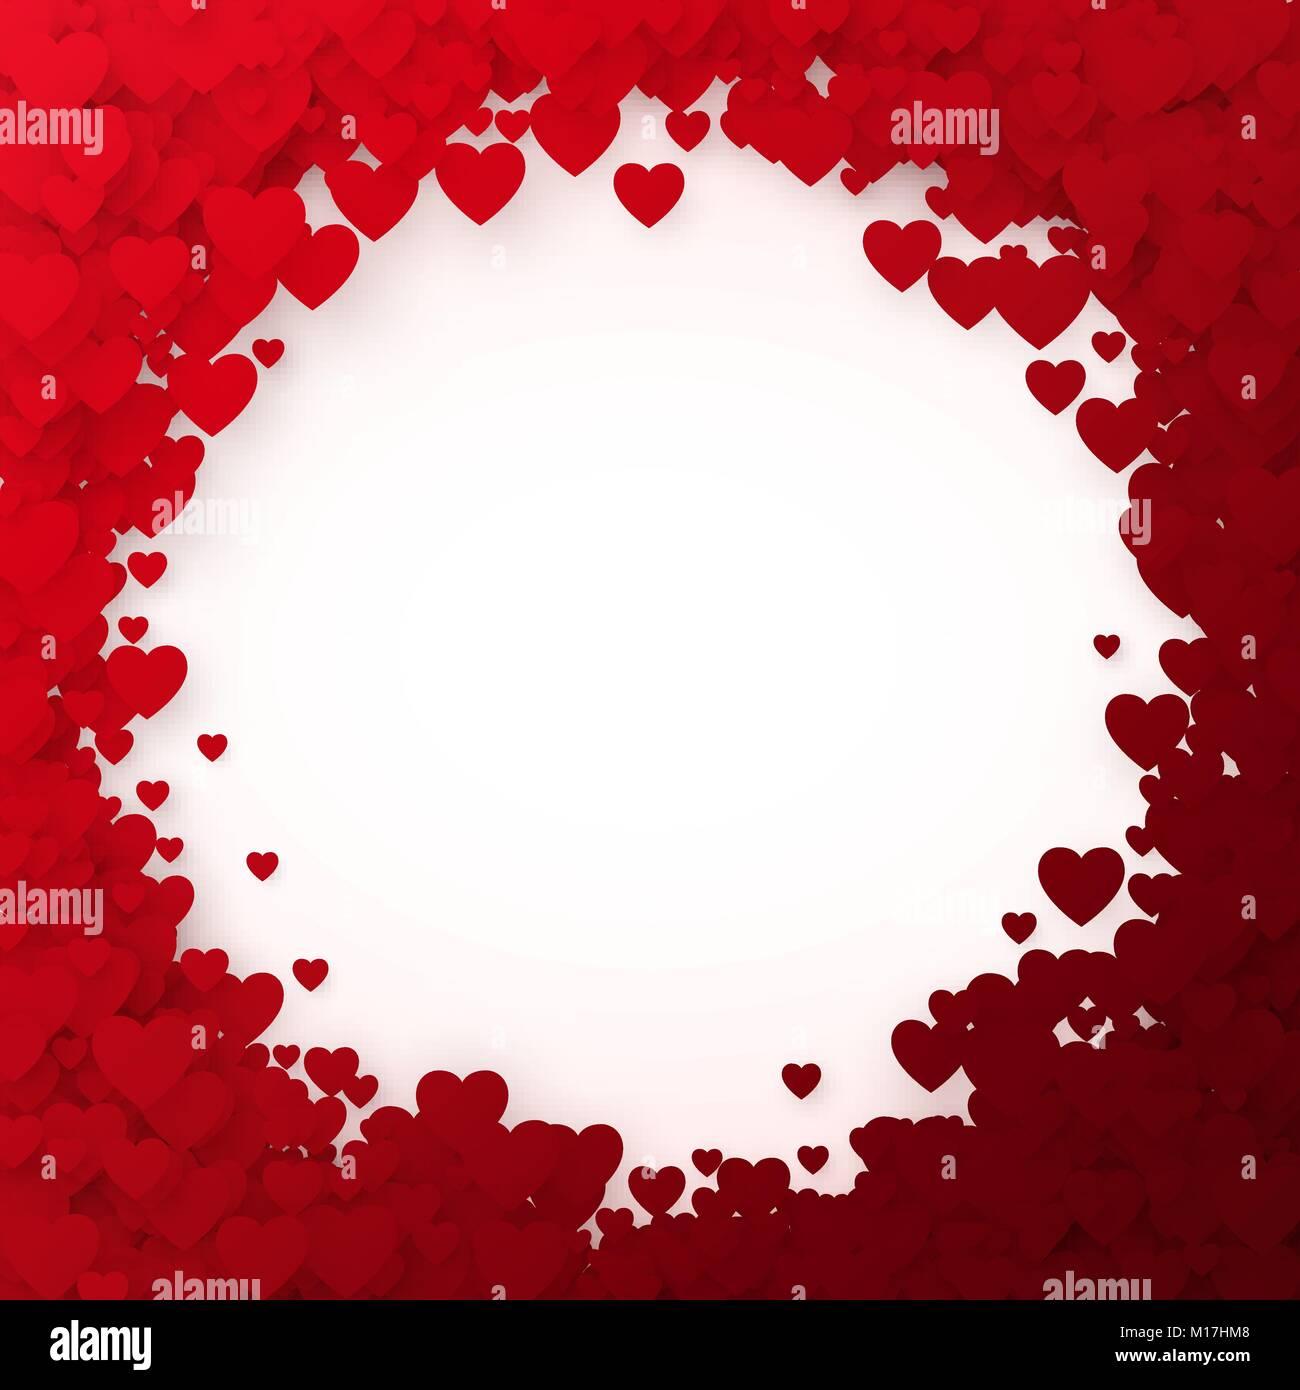 Rotes Herz Rahmen. Herz Konfetti Rahmen für Banner. Valentines Tag ...